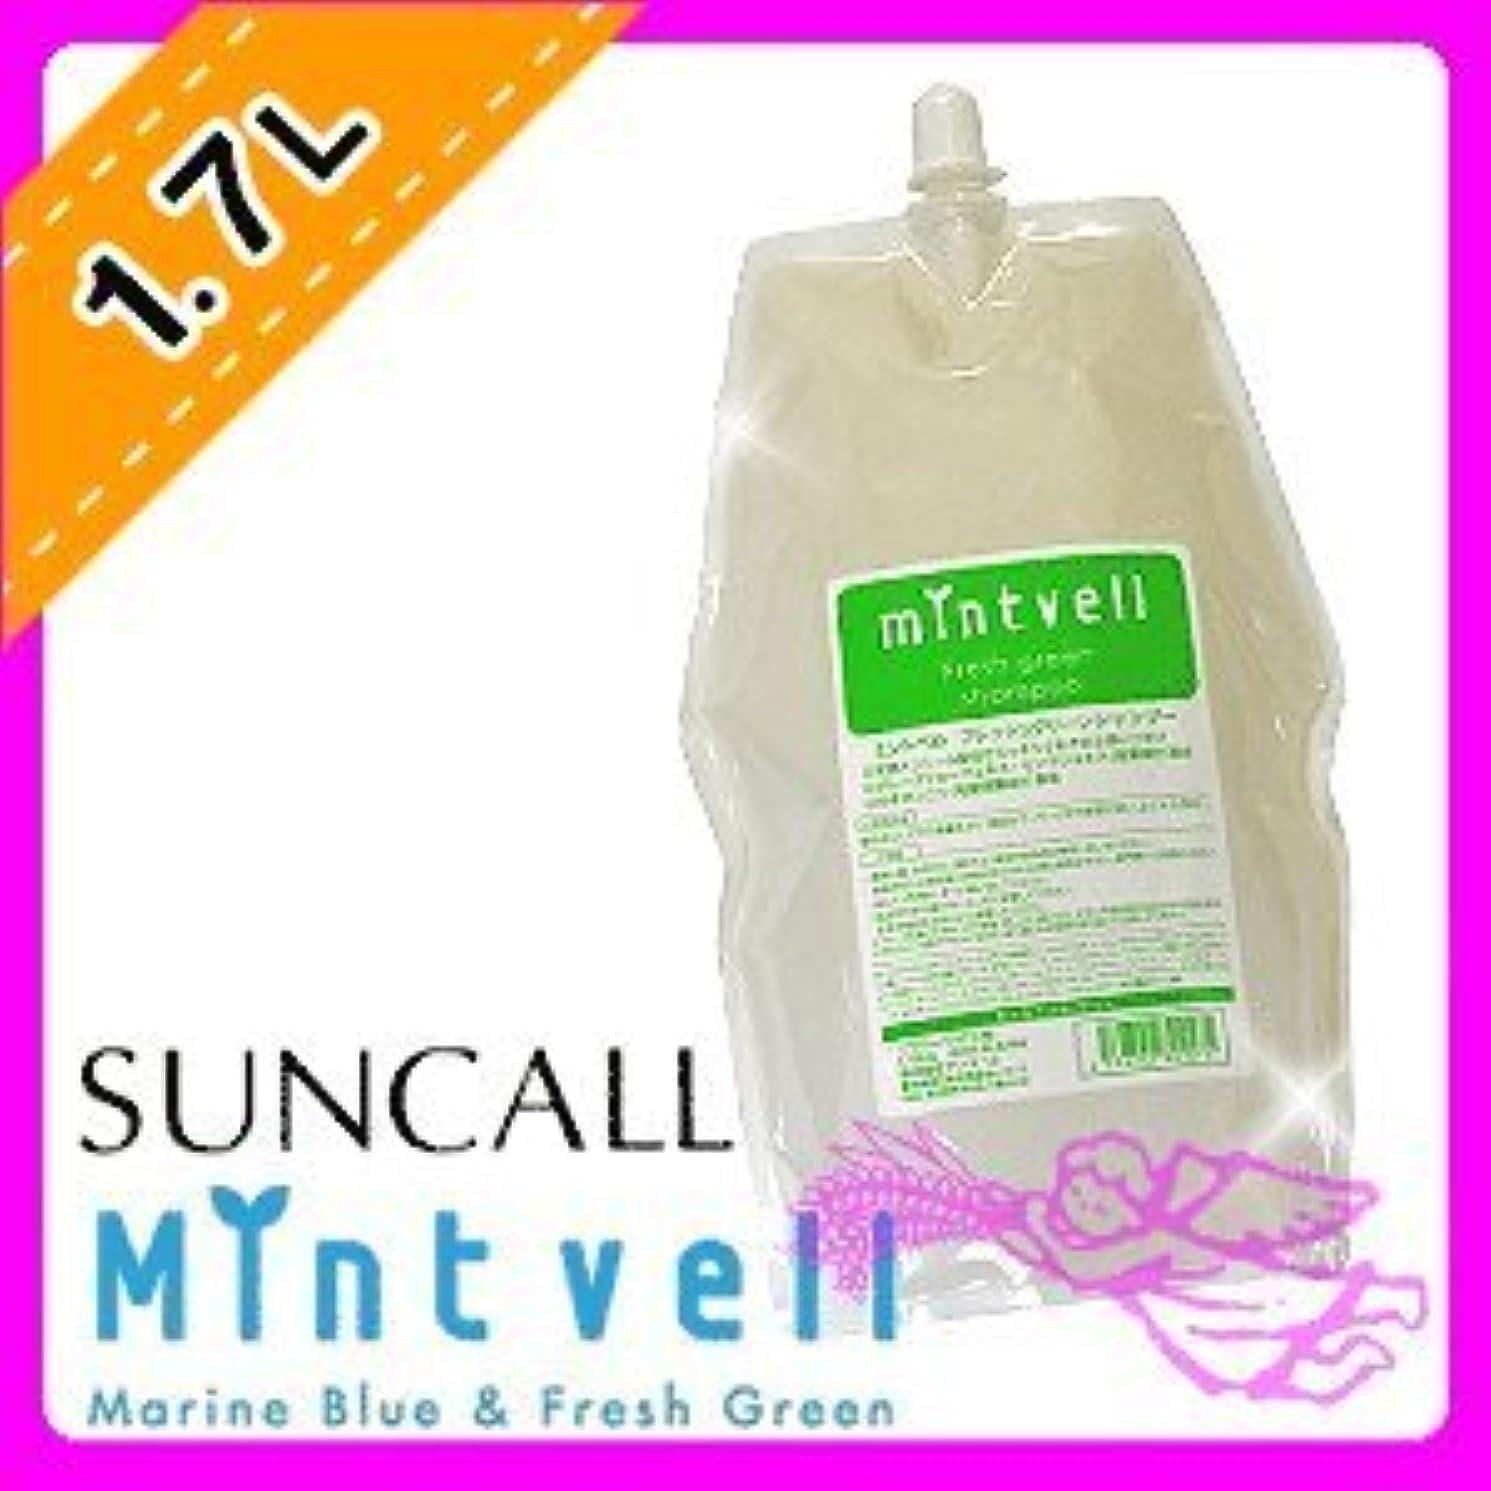 前投薬フレームワークまもなくサンコール ミントベル フレッシュグリーン シャンプー <1700mL> 詰め替え用 SUNCALL mintvell メントール